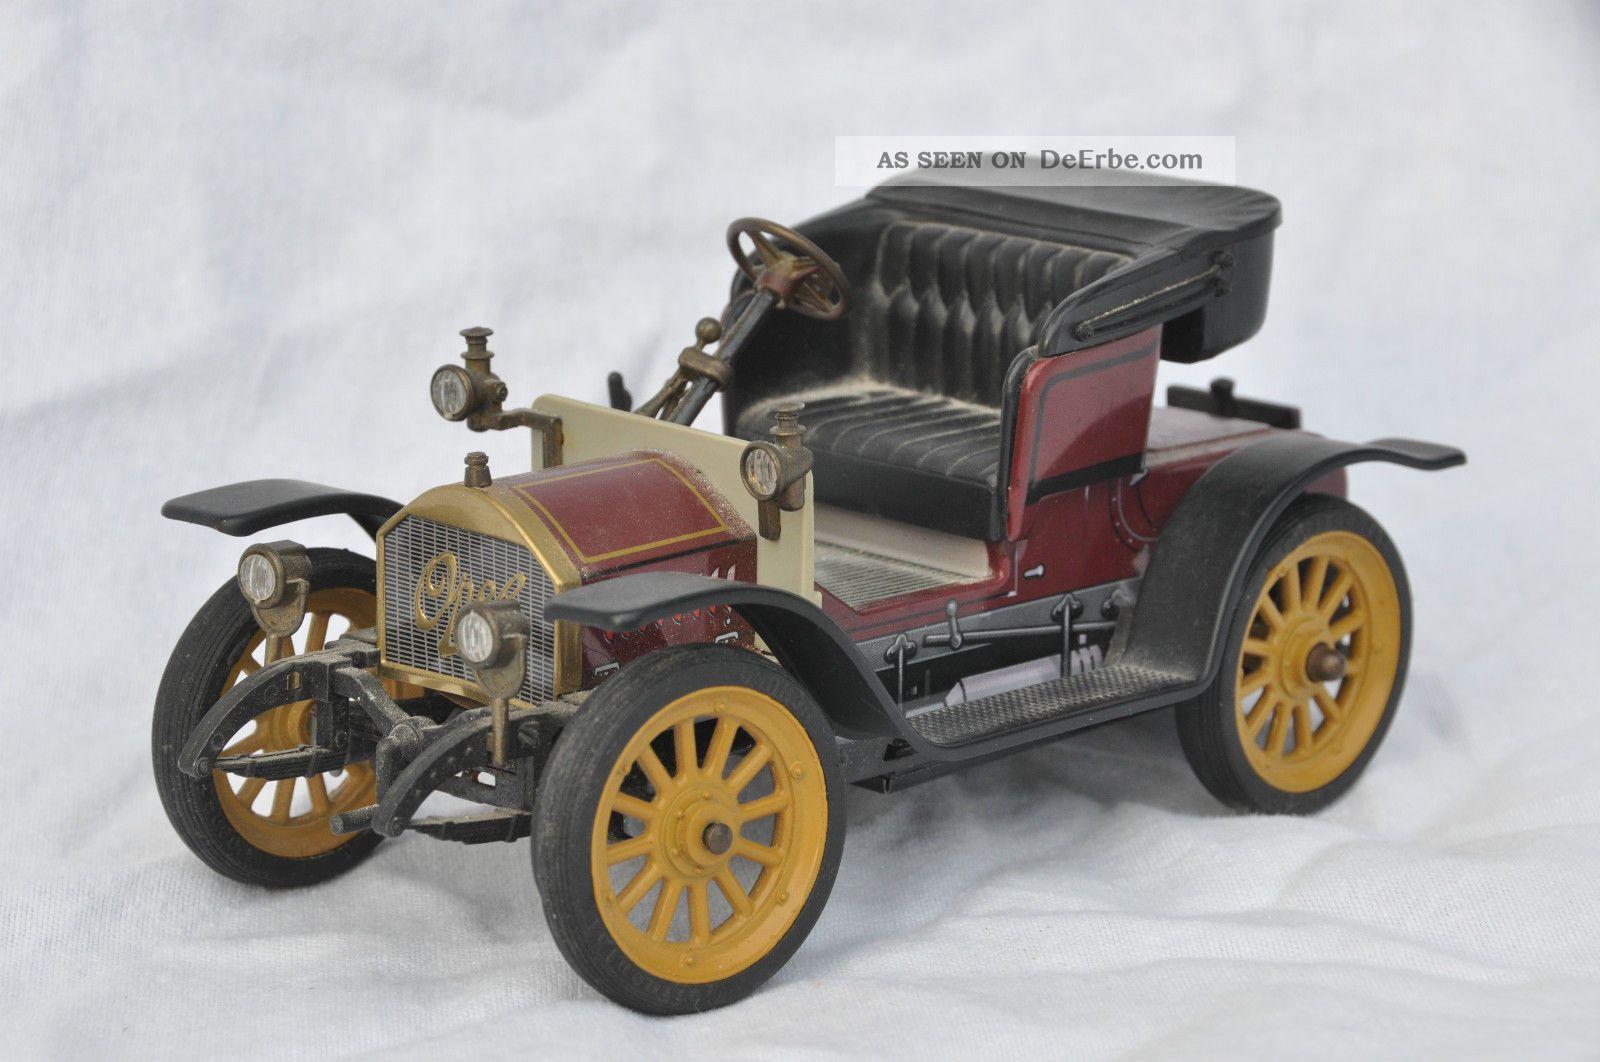 Schuco Modellauto Oldtimer Opel Doktorwagen 1909 Nr 1228 Original, gefertigt 1945-1970 Bild